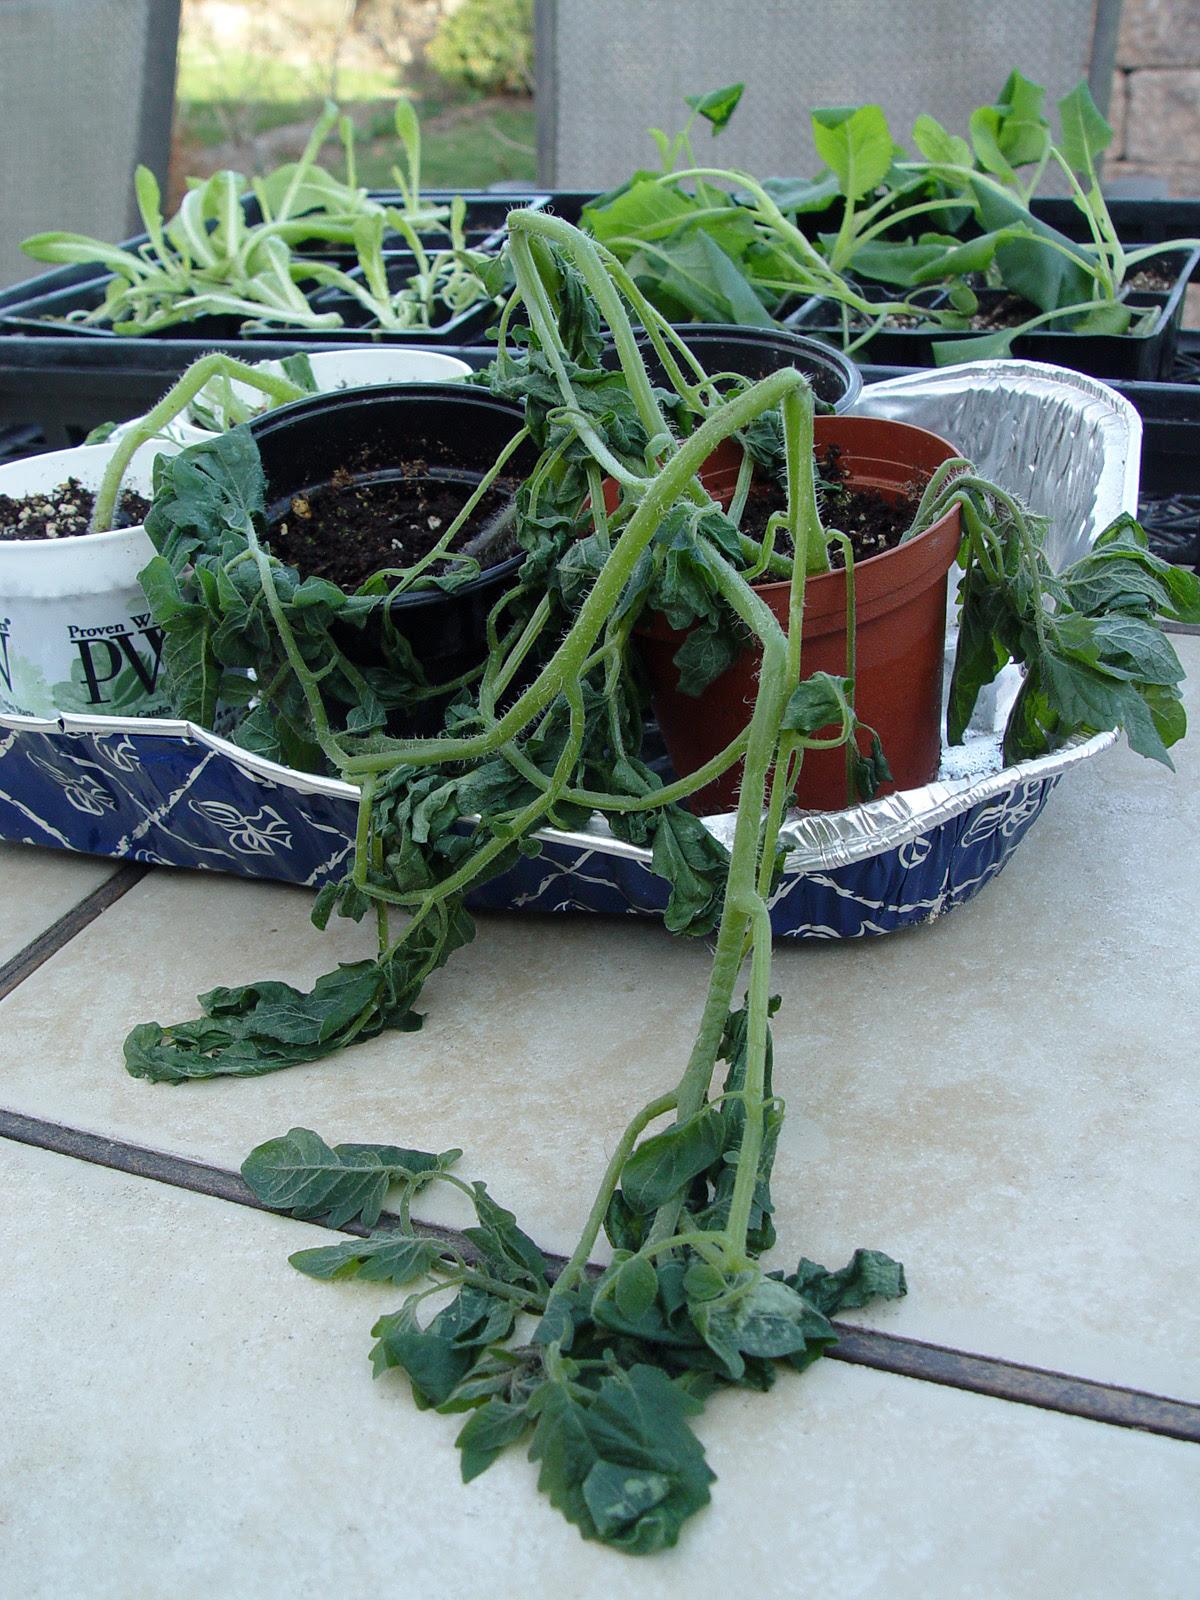 tomato.seedlings.frozen.jpg (1200×1600)